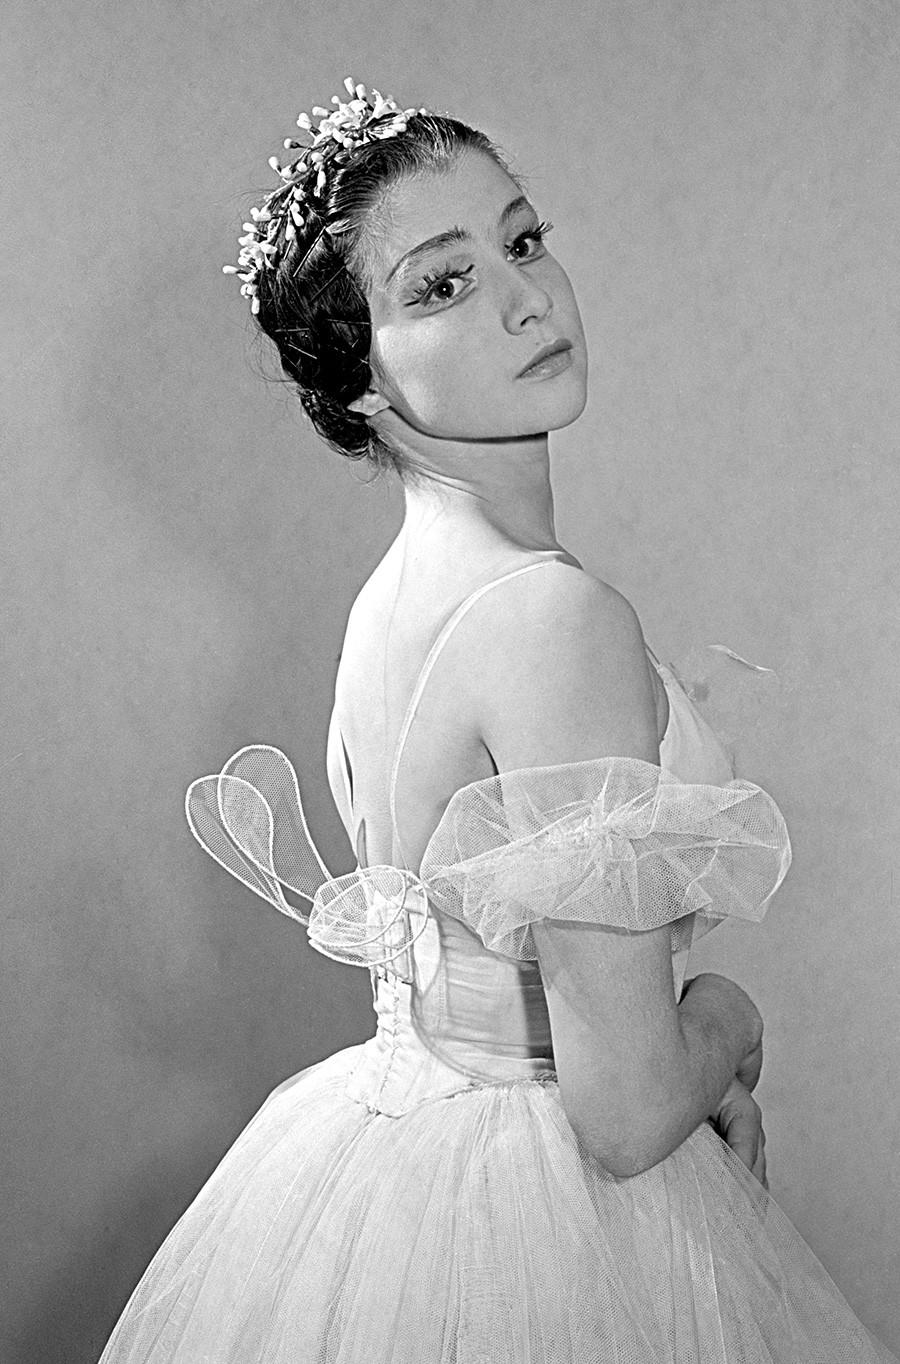 Maksímova em 1961.